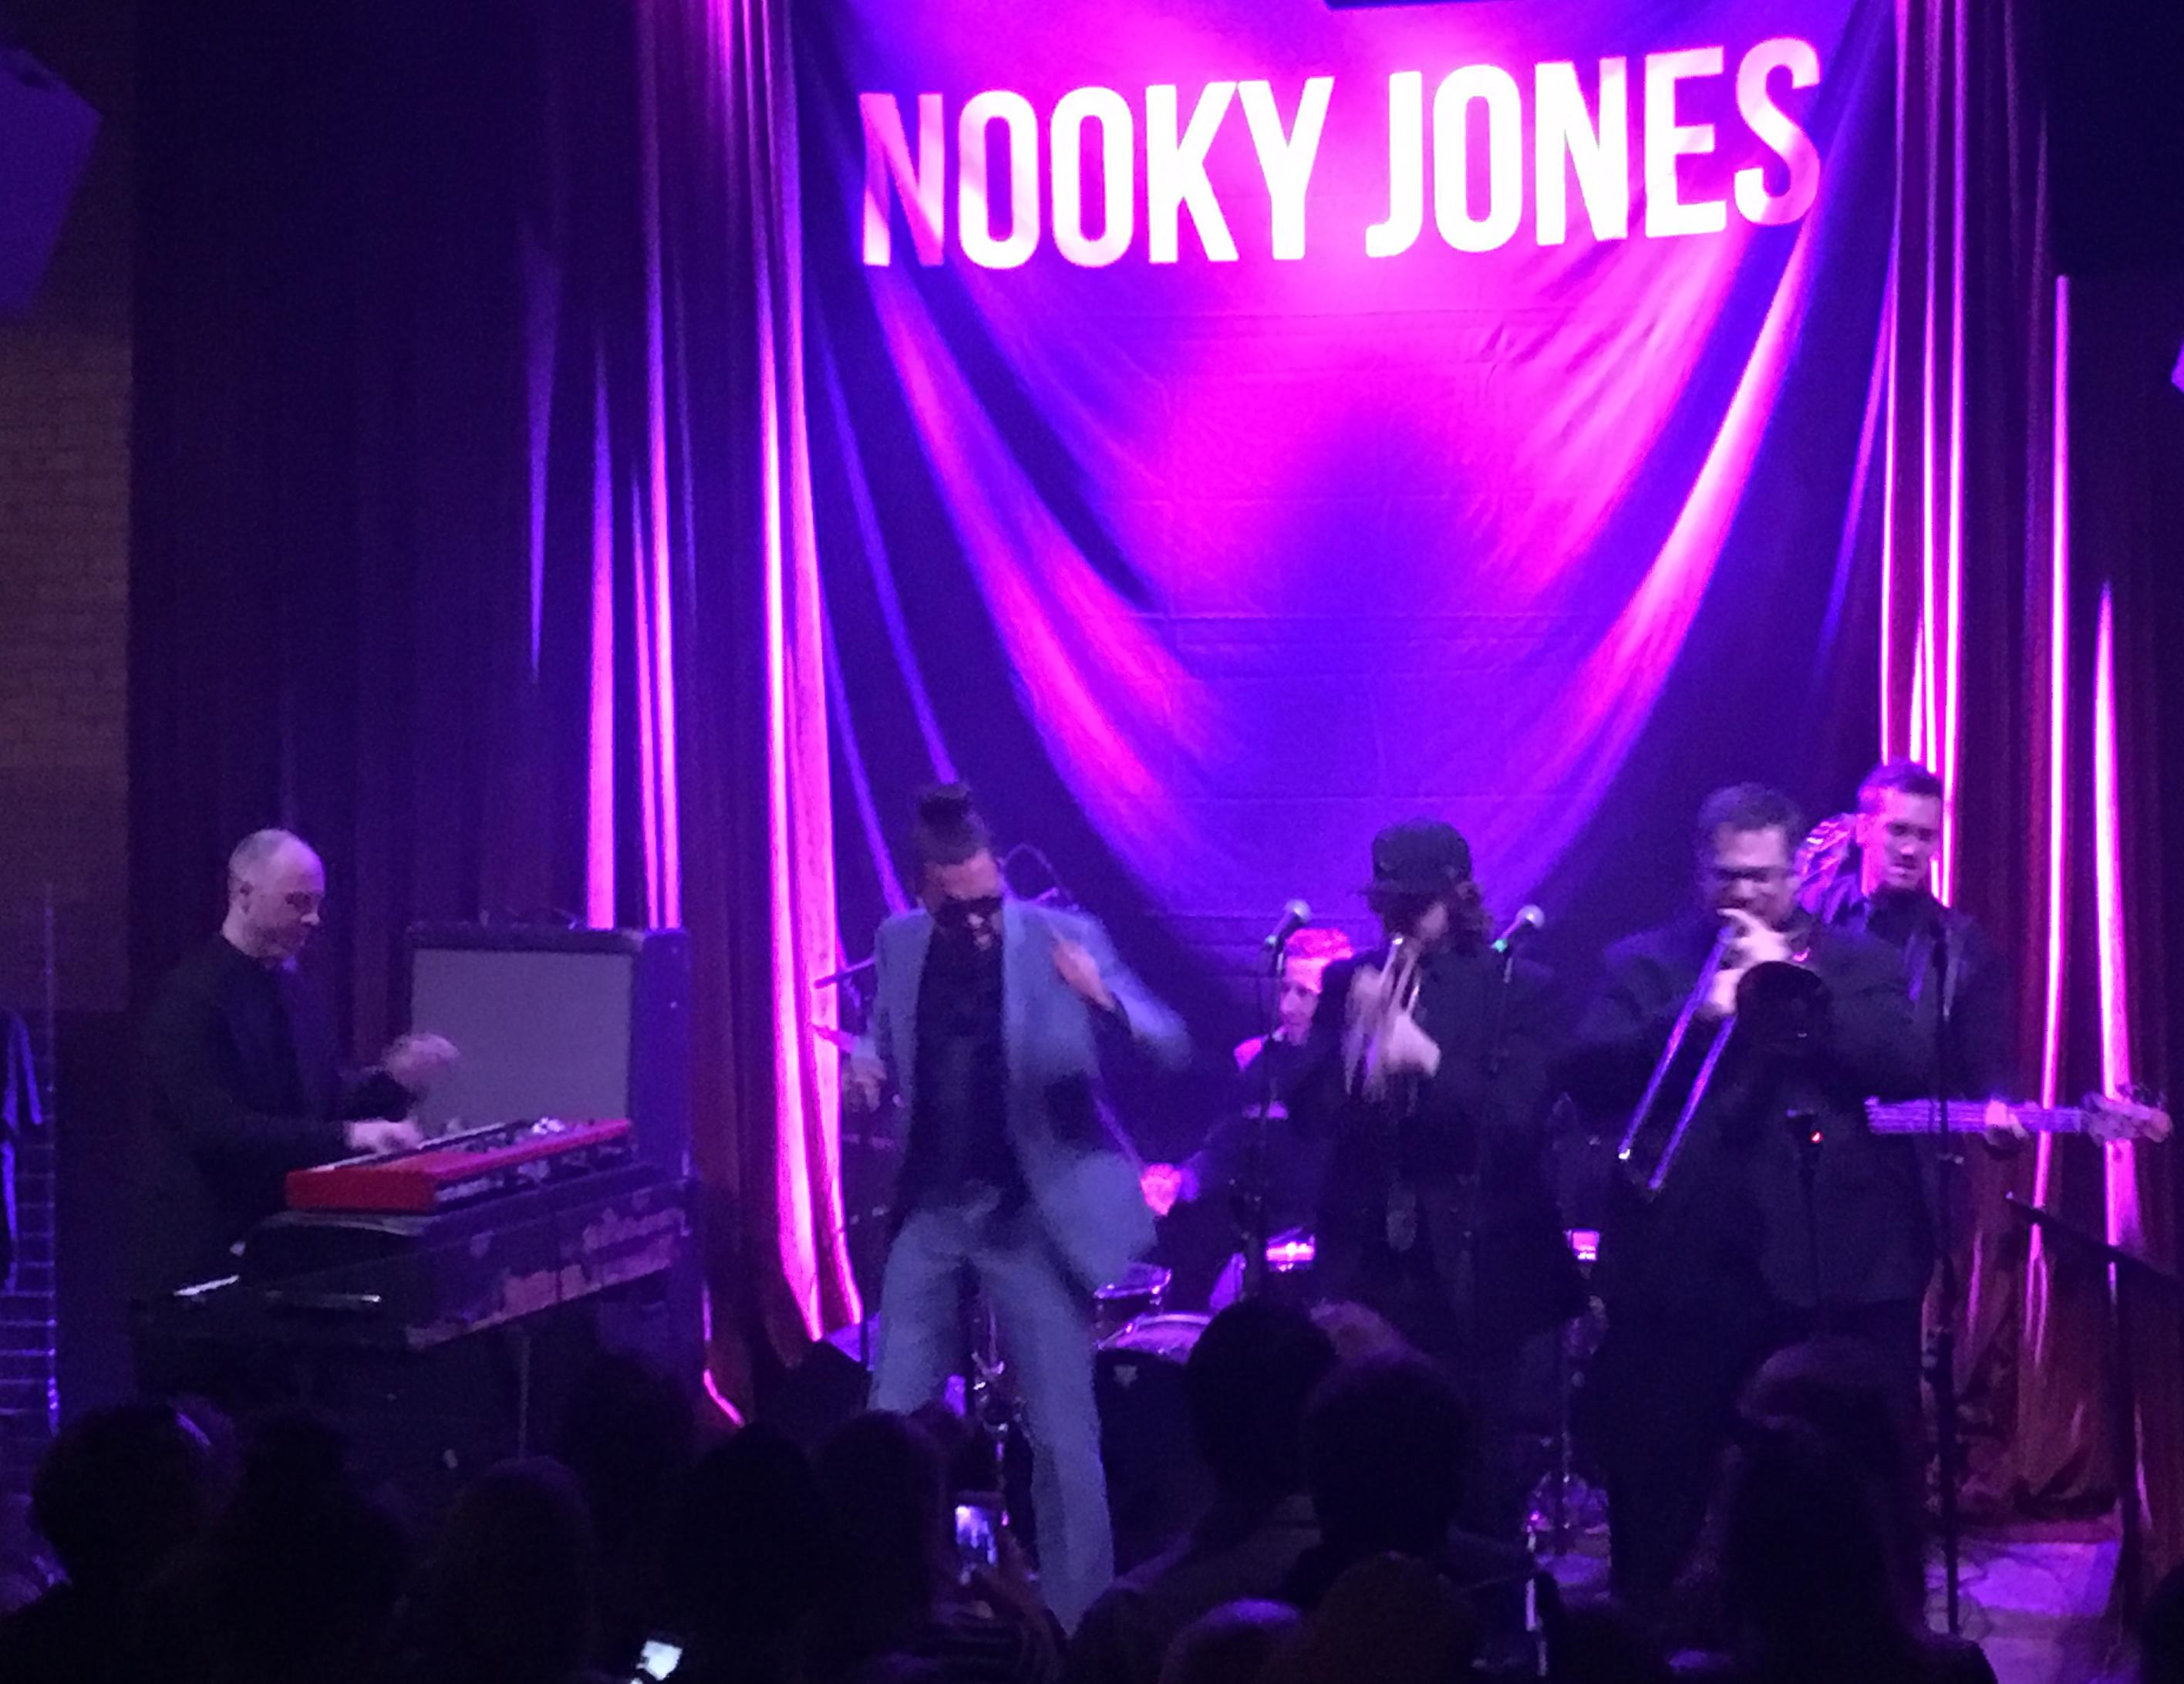 Live from Minnesota: Nooky Jones